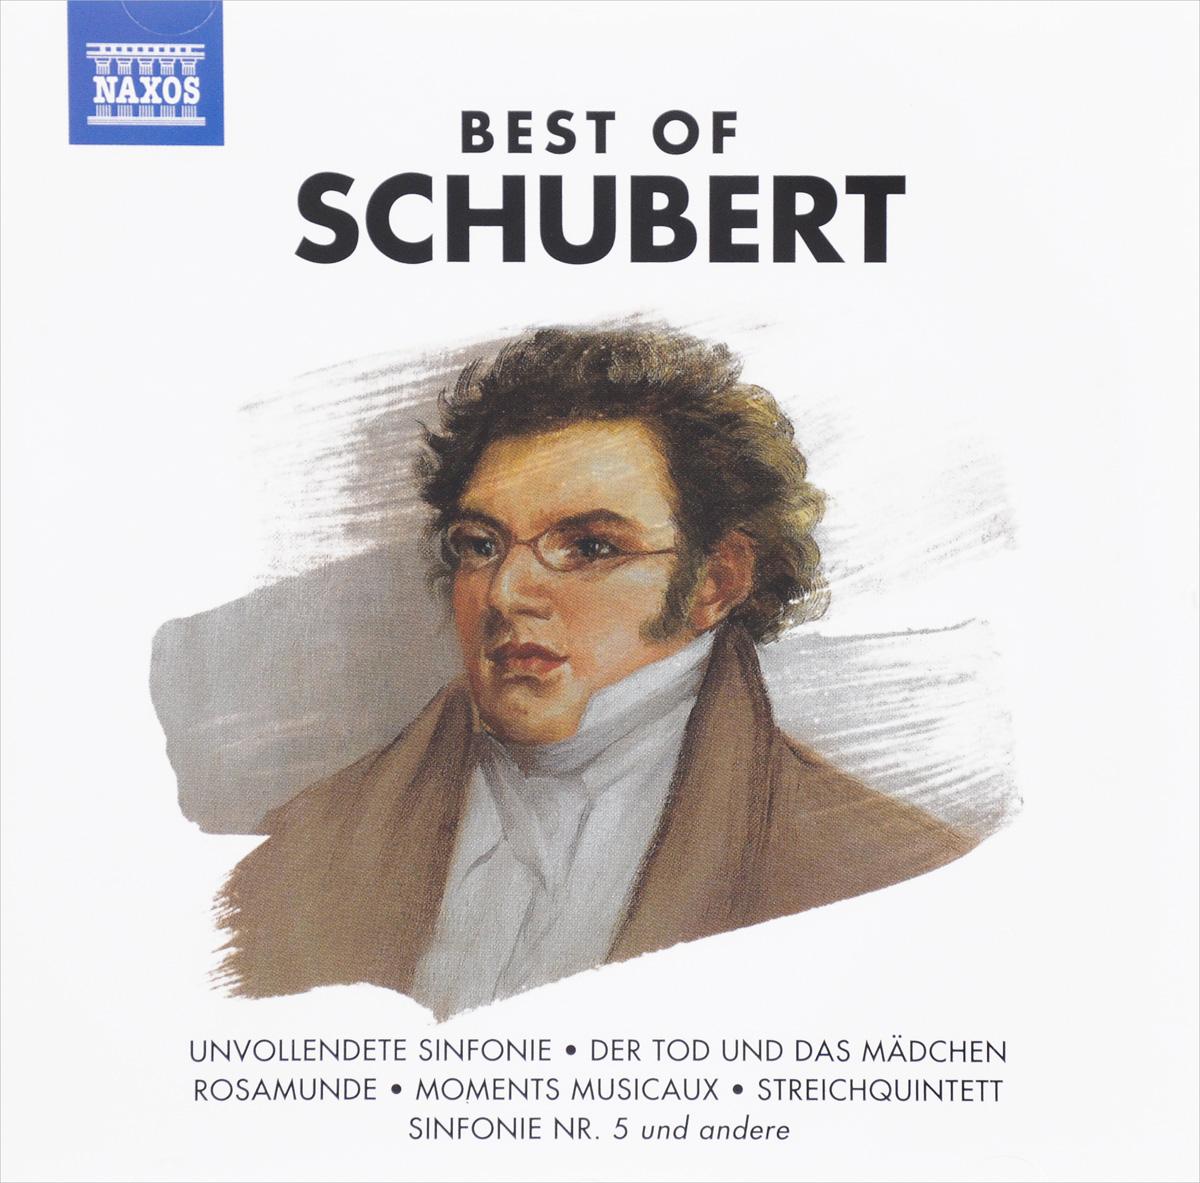 Франц Шуберт Best Of Schubert франц шуберт шуберт вальс каприс обработка для скрипки и фортепиано